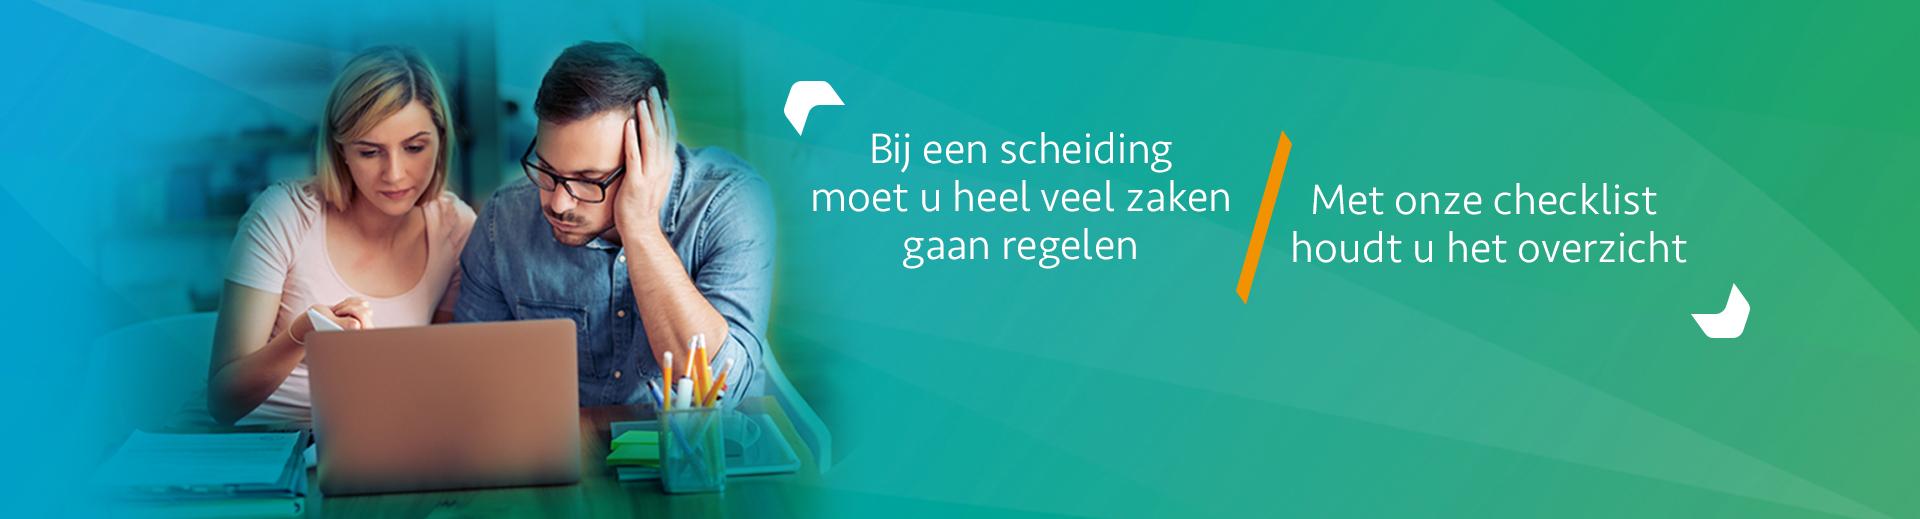 Checklist scheiden - Scheidingsplanner Hoofddorp - Badhoevedorp - Nieuw Vennep